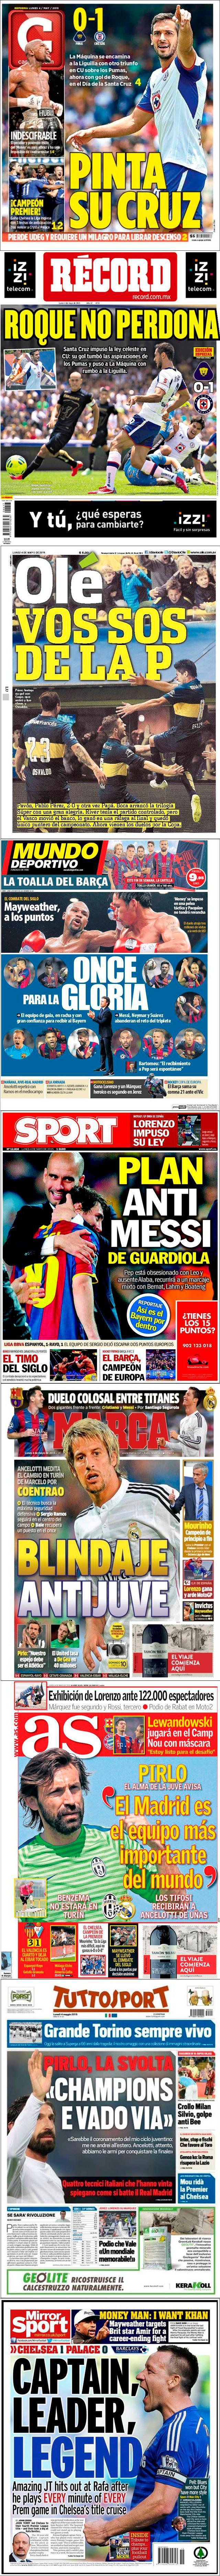 La prensa deportiva más importante del 4 de mayo de 2015.